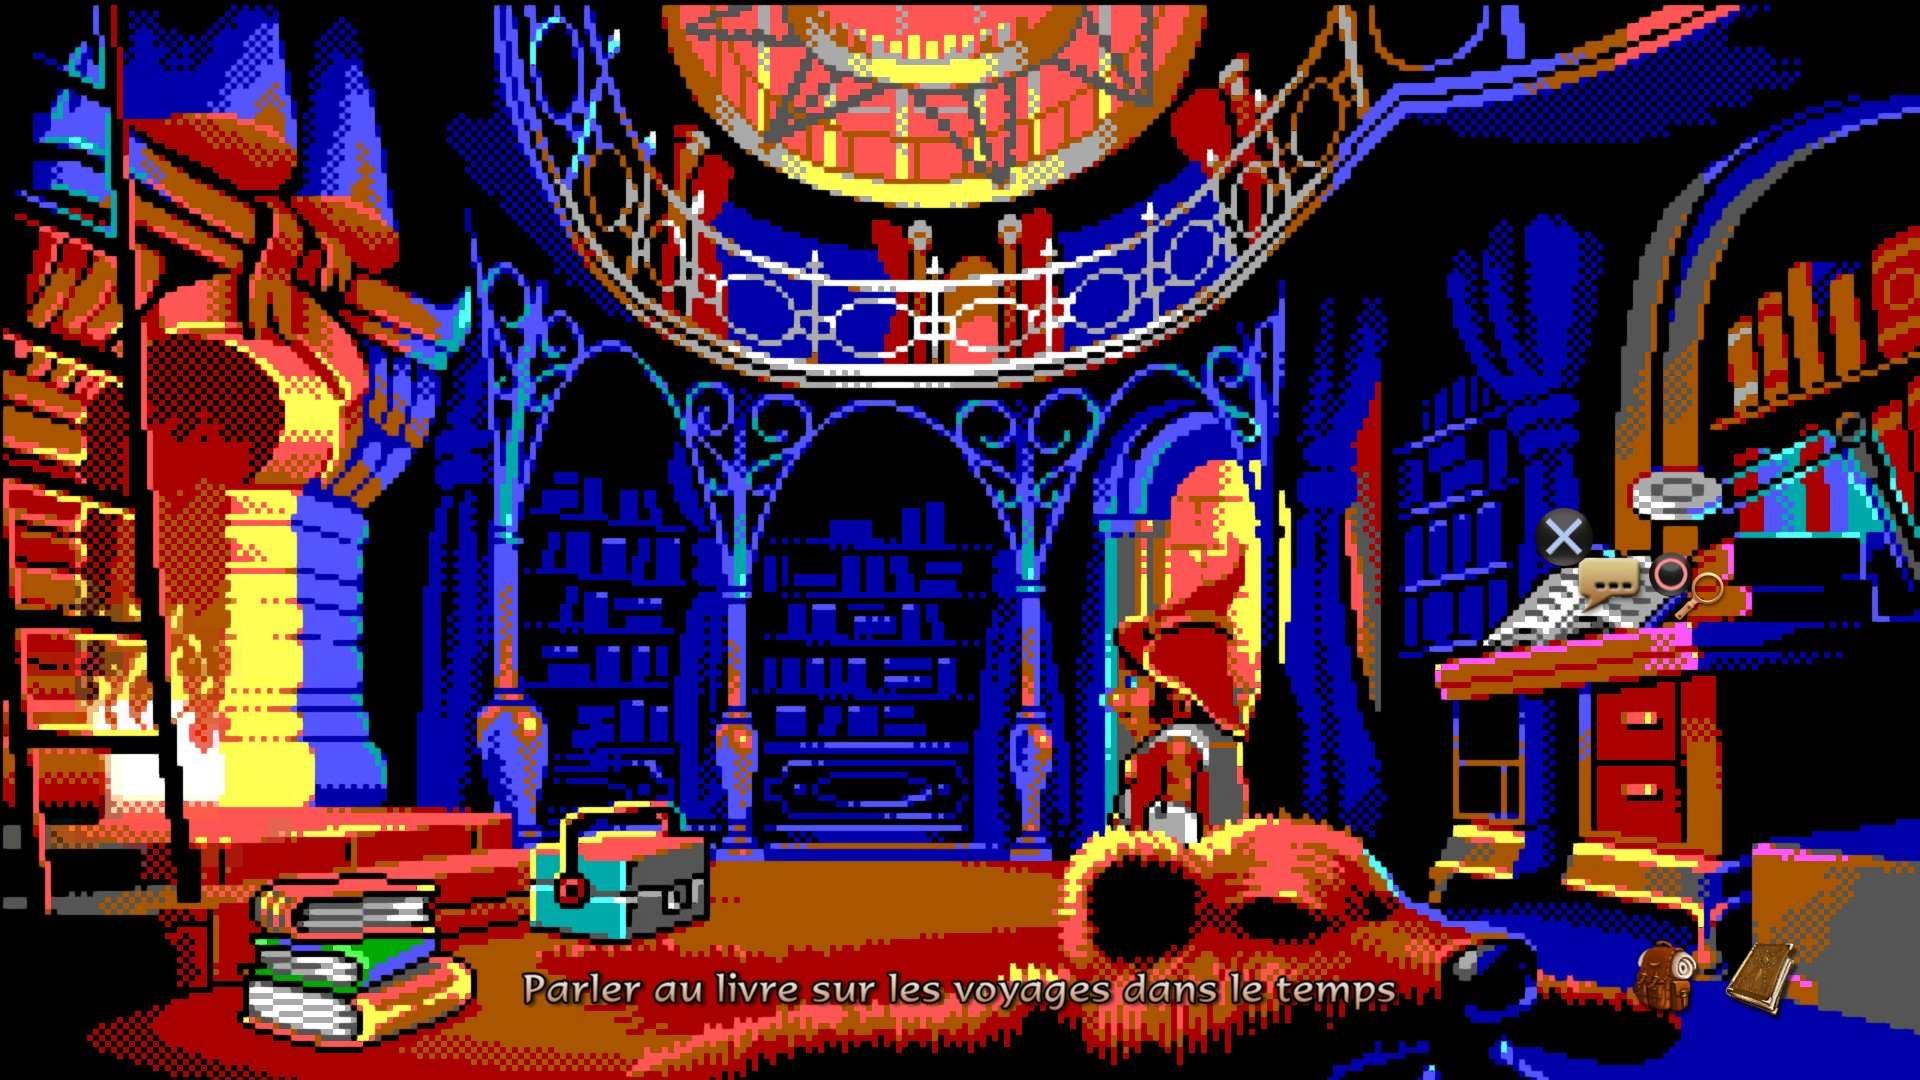 [Dossier] Les jeux d'aventure & point and click sur console (version boite) - Page 9 315